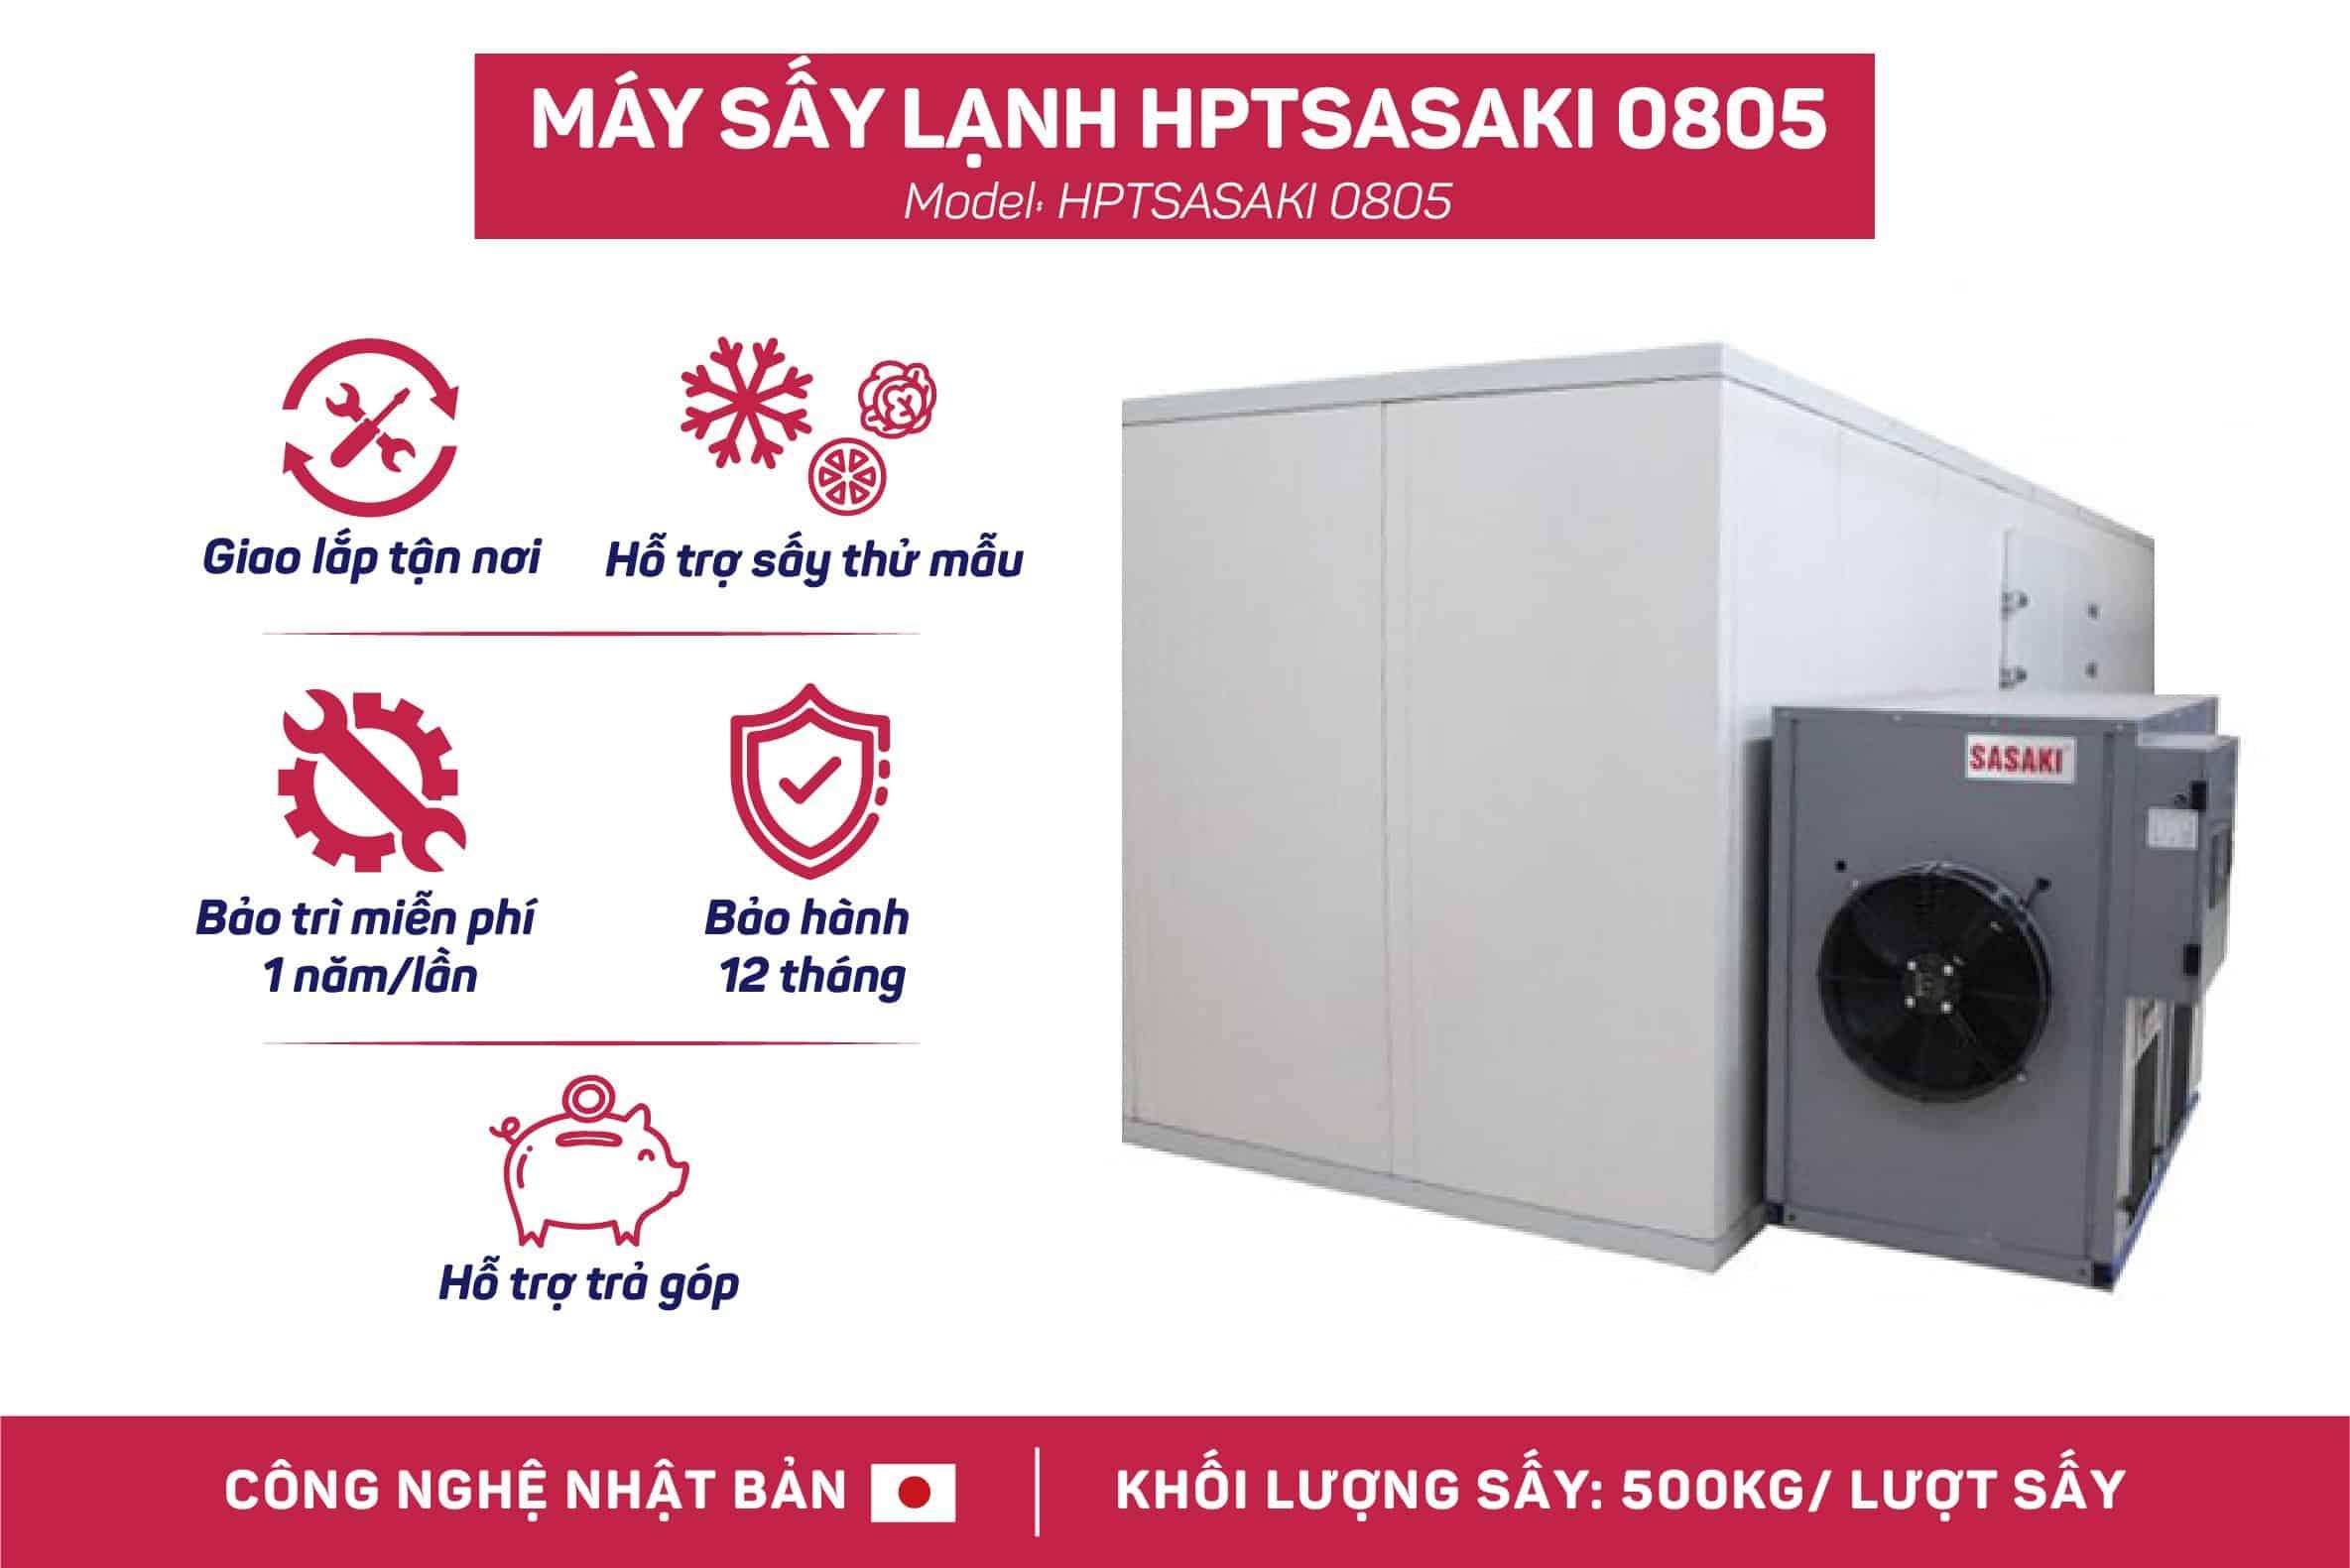 MÁY SẤY HPTSASAKI 0805 - 500kg/lượt sấy - Máy sấy lạnh SASAKI